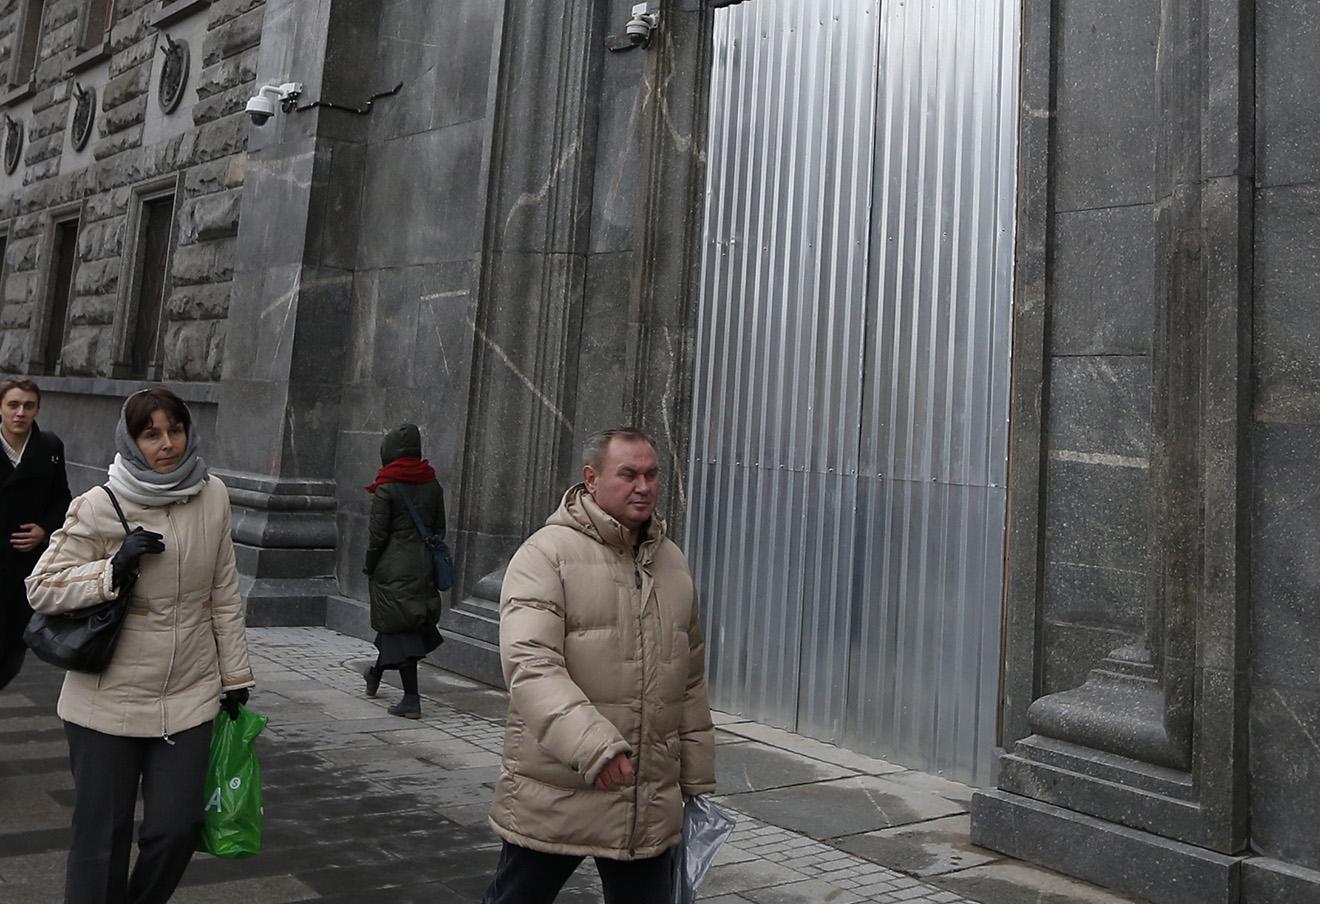 Металлические листы на двери здания ФСБ, которую в ночь на 9 ноября поджег художник Петр Павленский, ноябрь 2015 года.